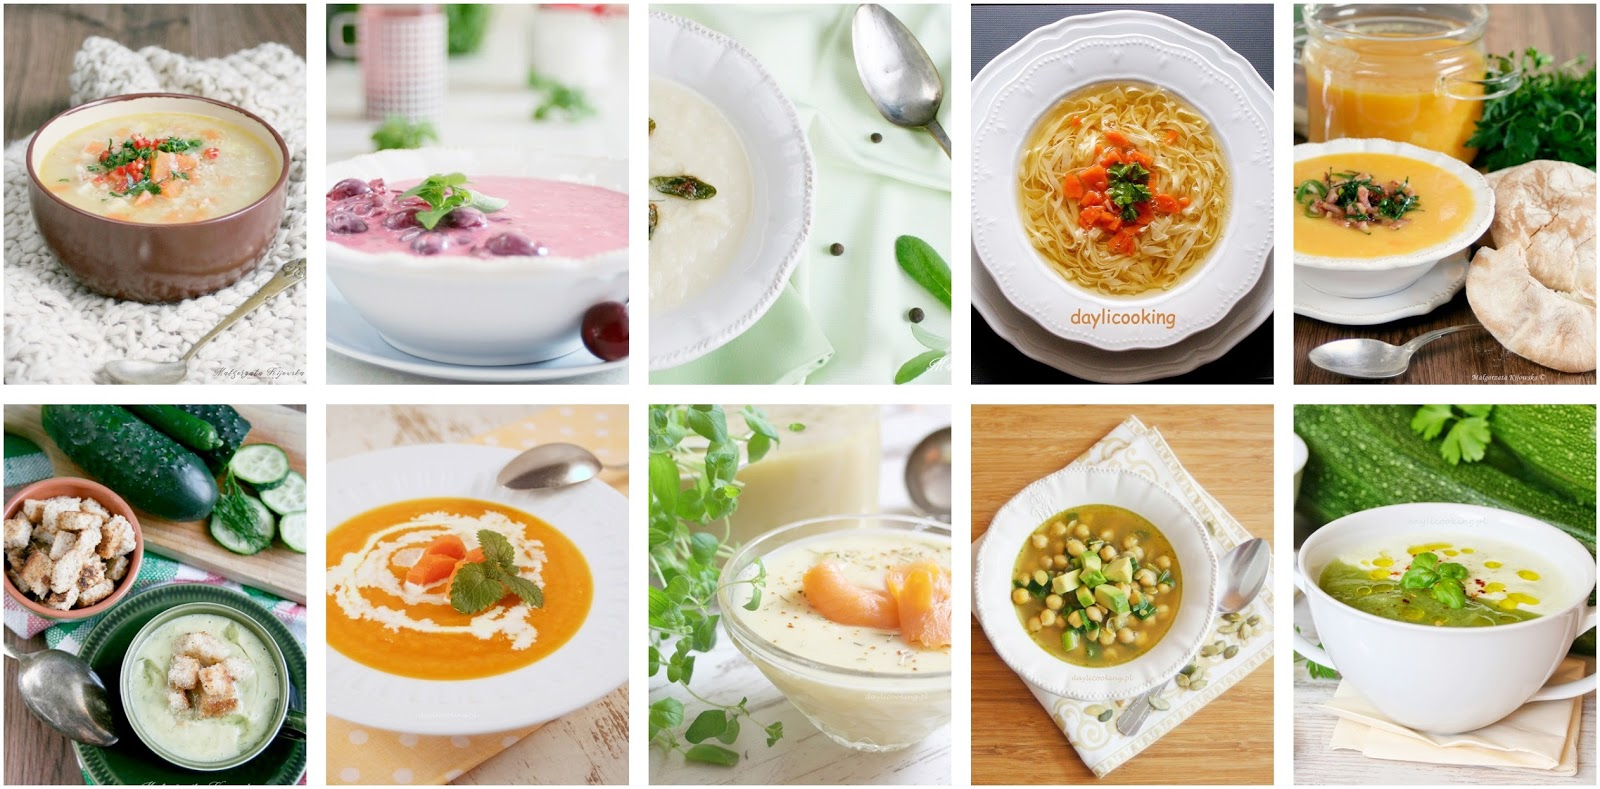 sposoby na dobra zupę, zupa, dobra zupa, smaczna zupa, daylicooking, Małgorzata Kijowska